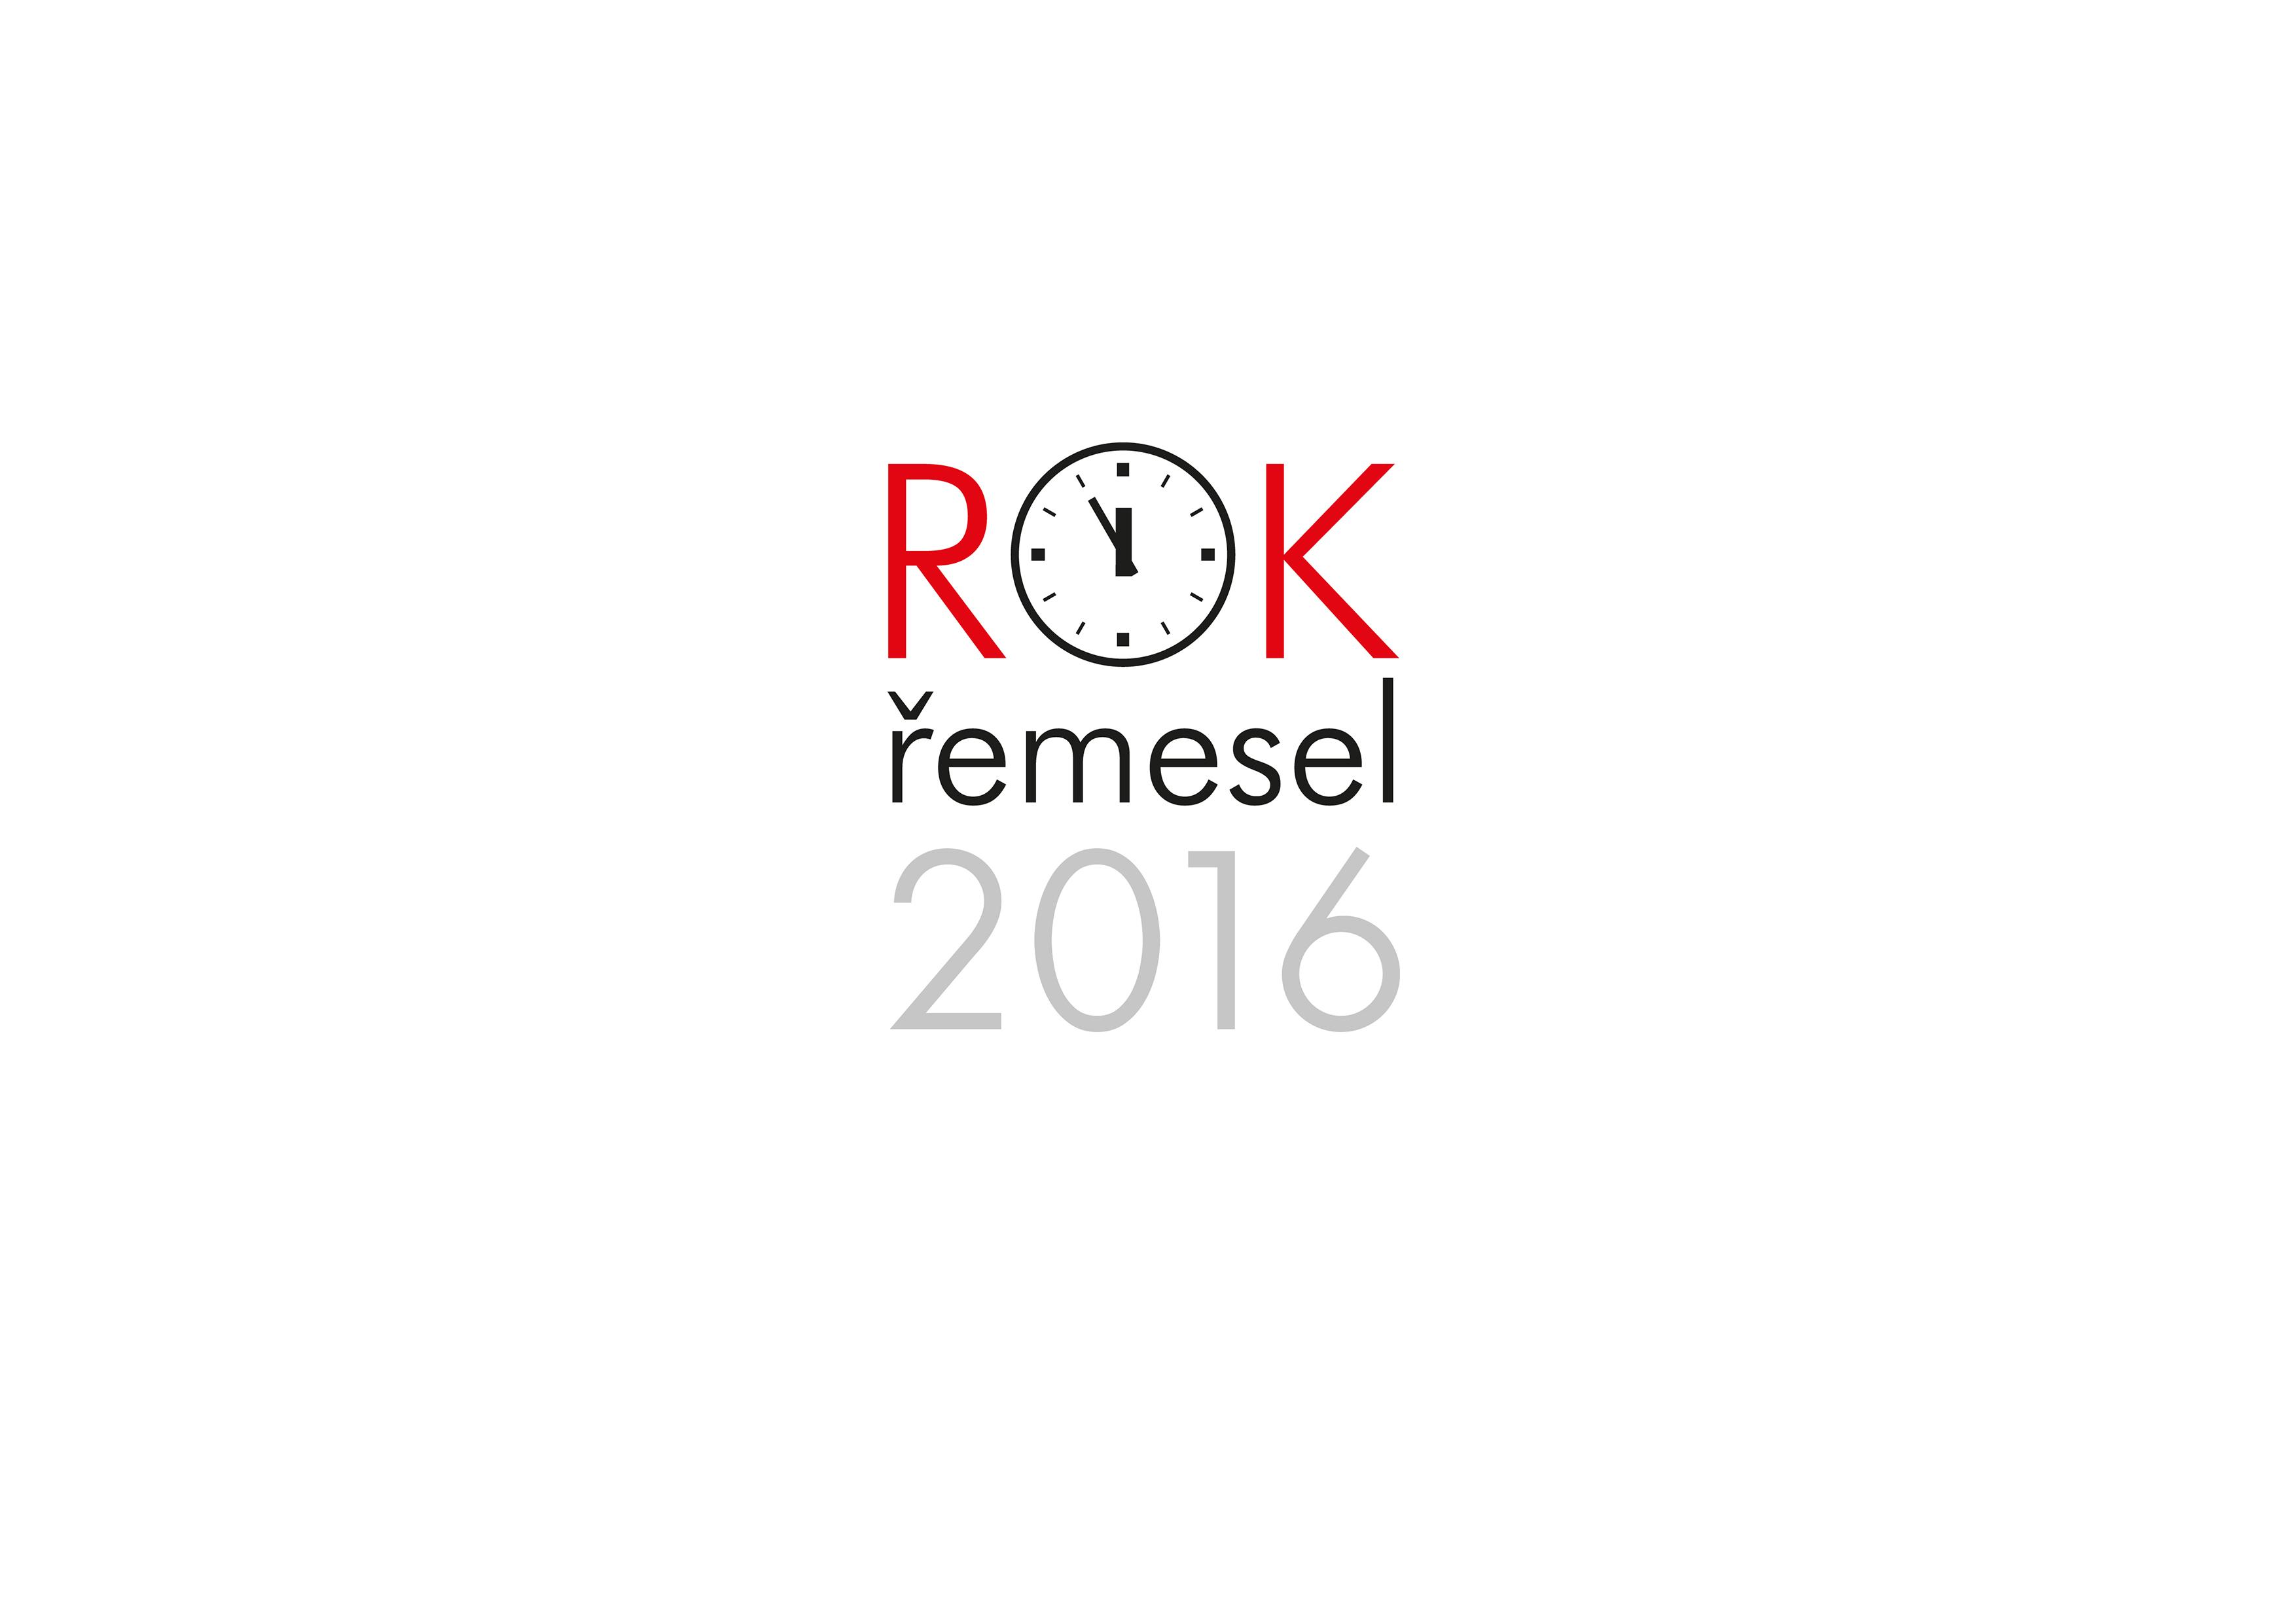 Tisková konference k uzavření Roku řemesel 2016 a předávání Ocenění za řemeslný počin 2016 stavebním spolkům zapojeným v projektu Rok řemesel 2016 - fotografie 1/1